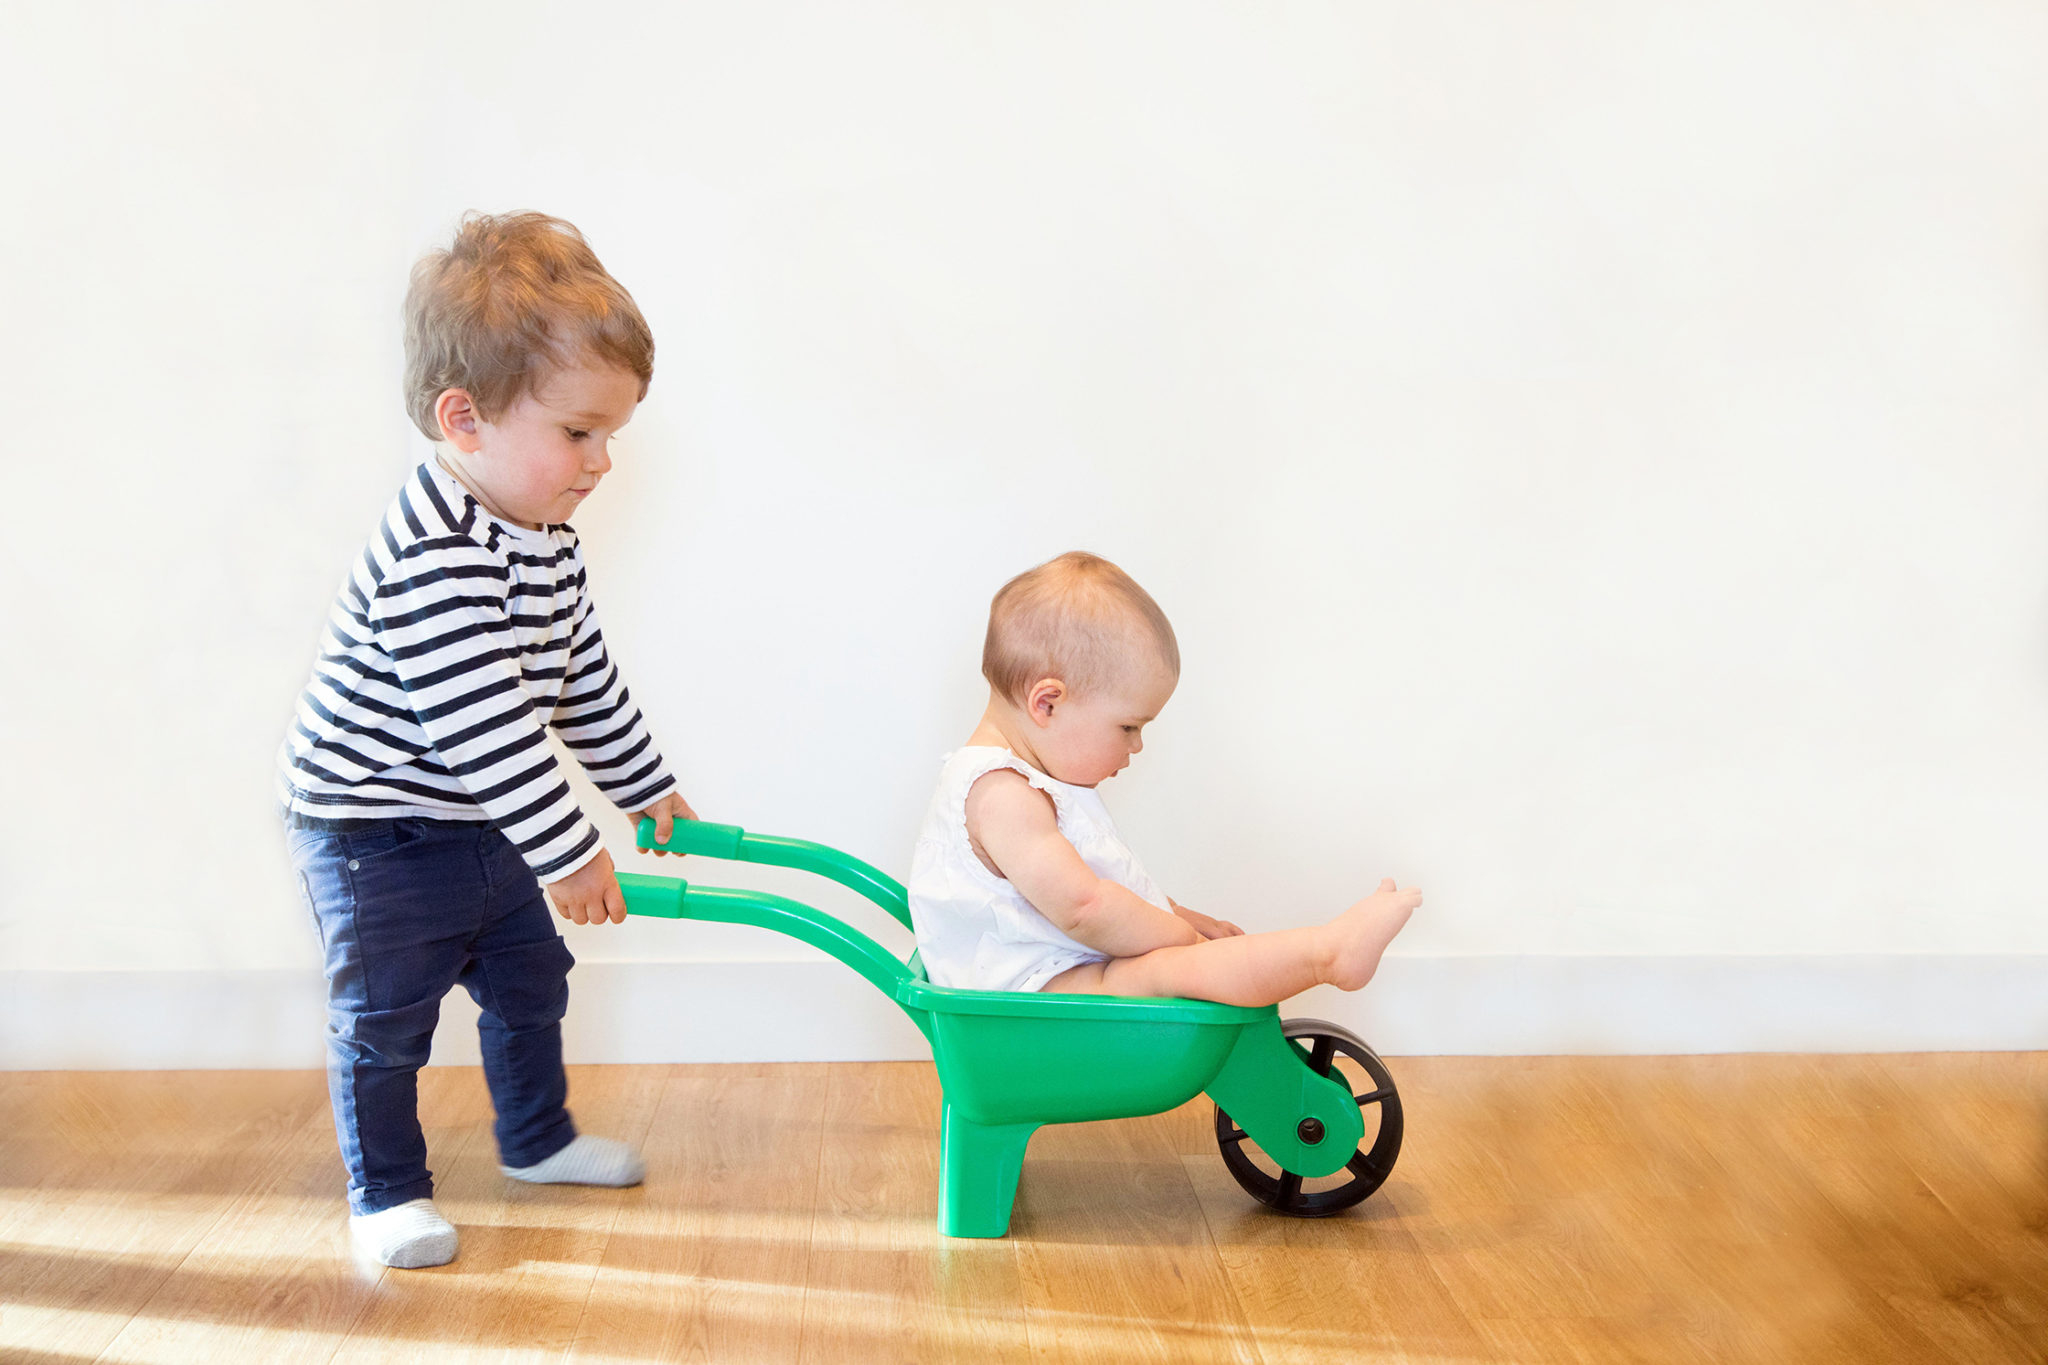 Top 5 Des Jeux D'éveil Pour Un Bébé De 6 Mois - Mademoiselle encequiconcerne Bebe 6 Mois Eveil